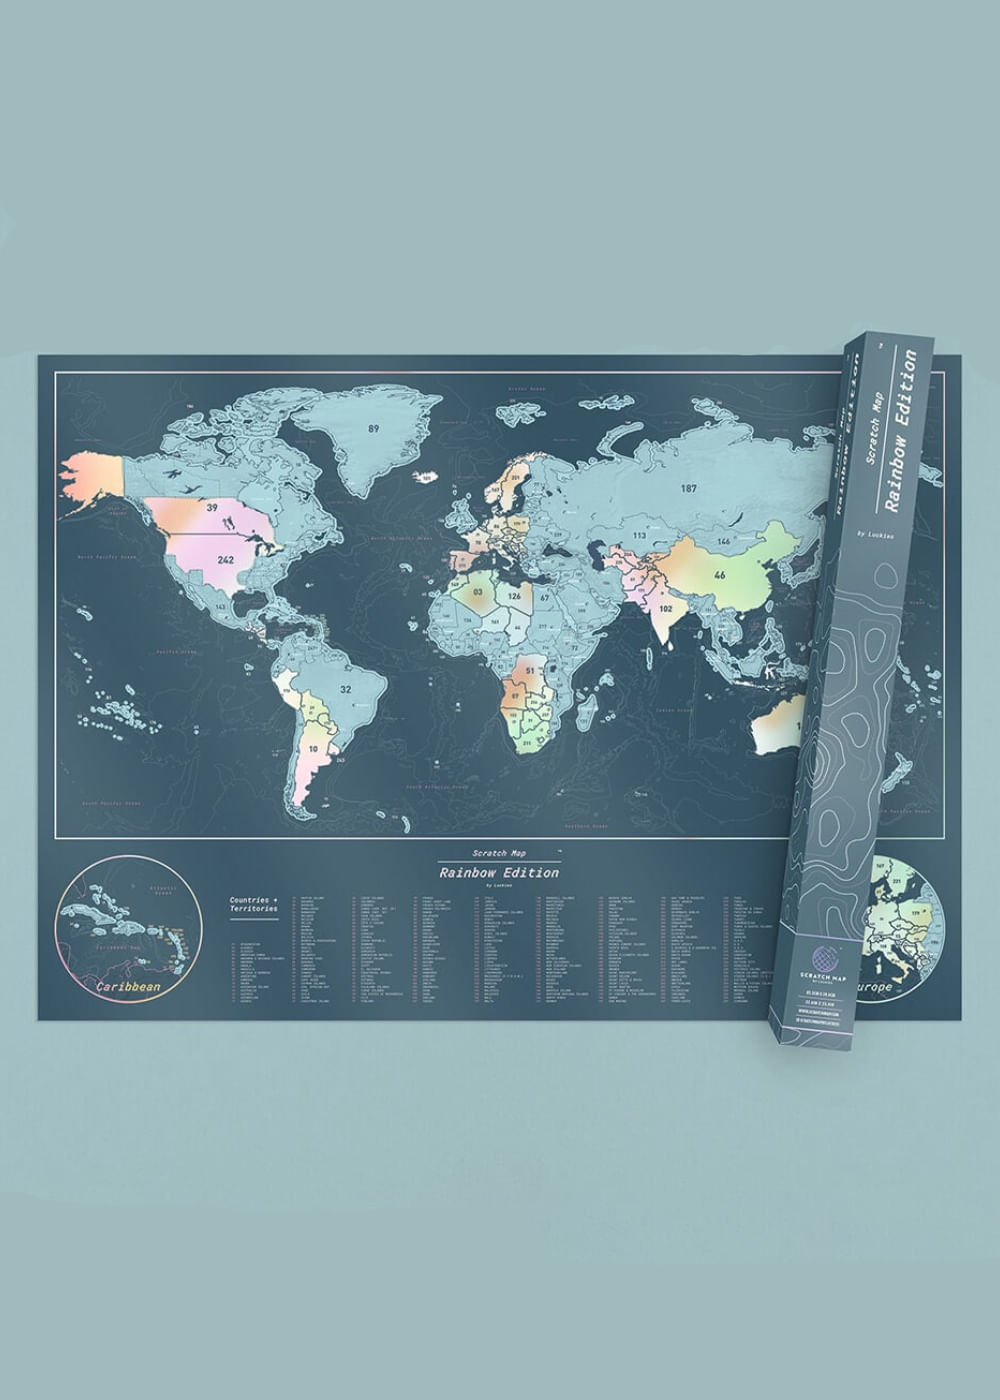 Mapa Mundi Raspadinha Edição Arco-Íris -Scratch Map  Colorida U